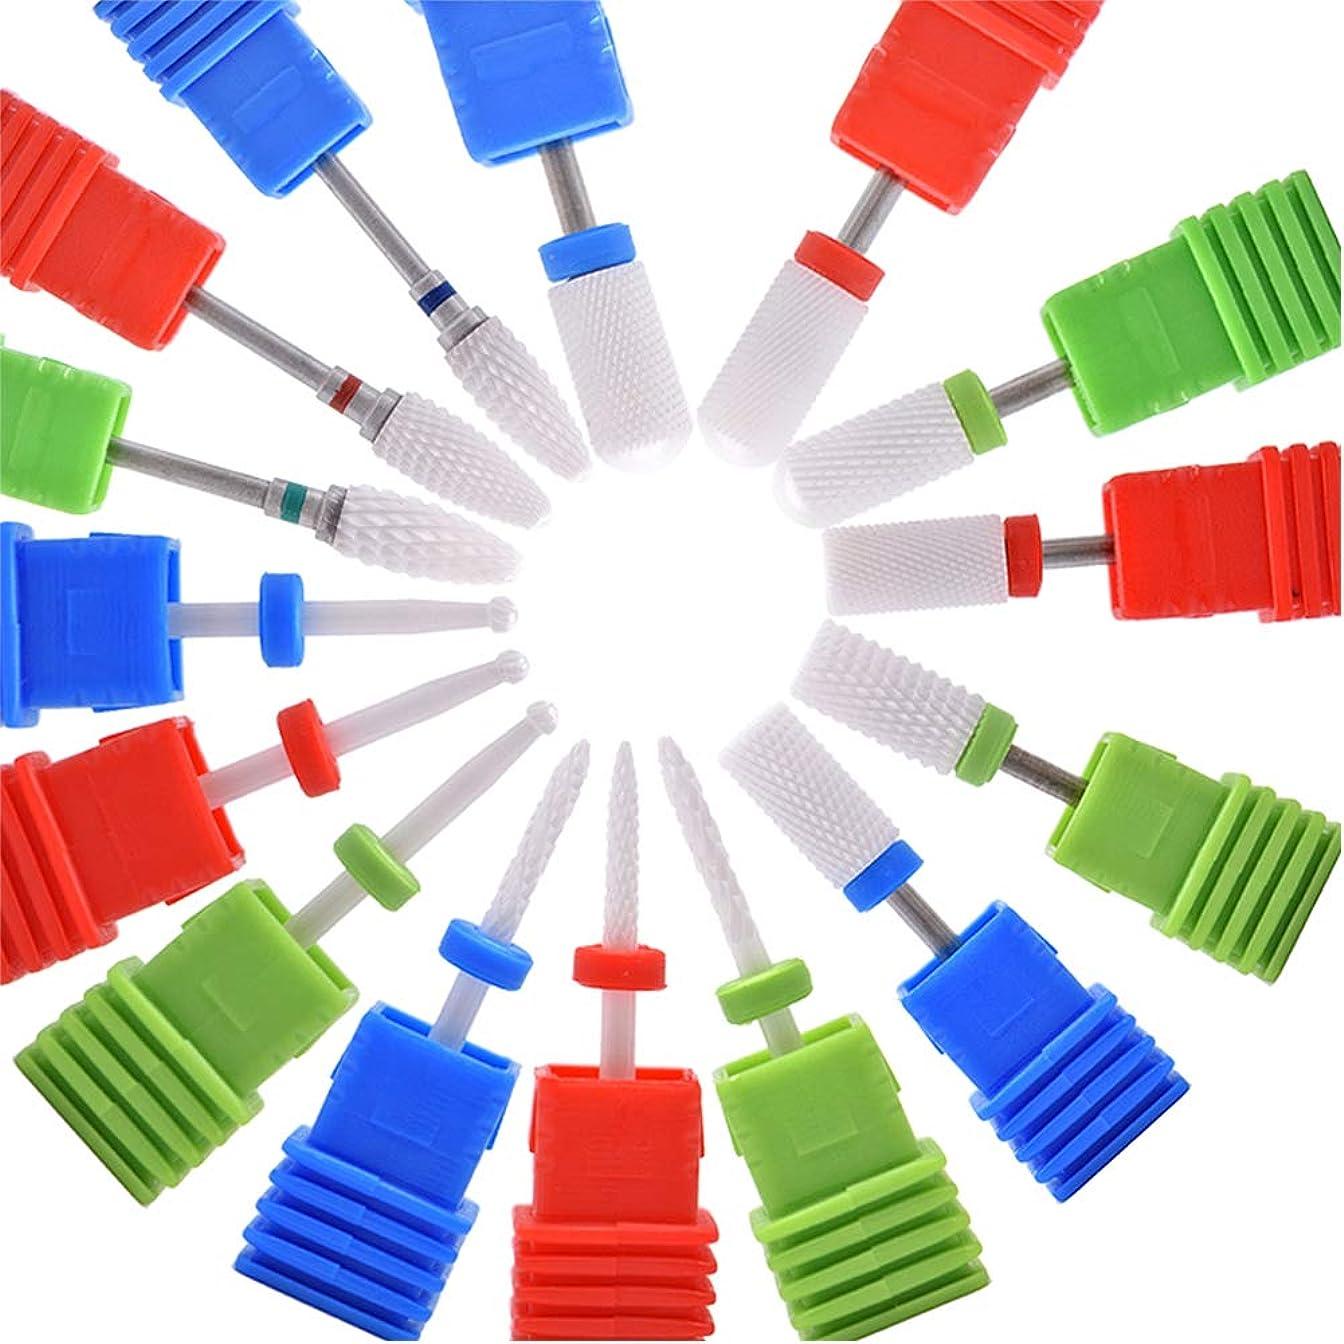 険しいインキュバス香水Oral Dentistry ネイルアート ドリルビット 研削ヘッド 研磨ヘッド ネイル グラインド ヘッド 爪 磨き 研磨 研削 セラミック 全3色 15種類